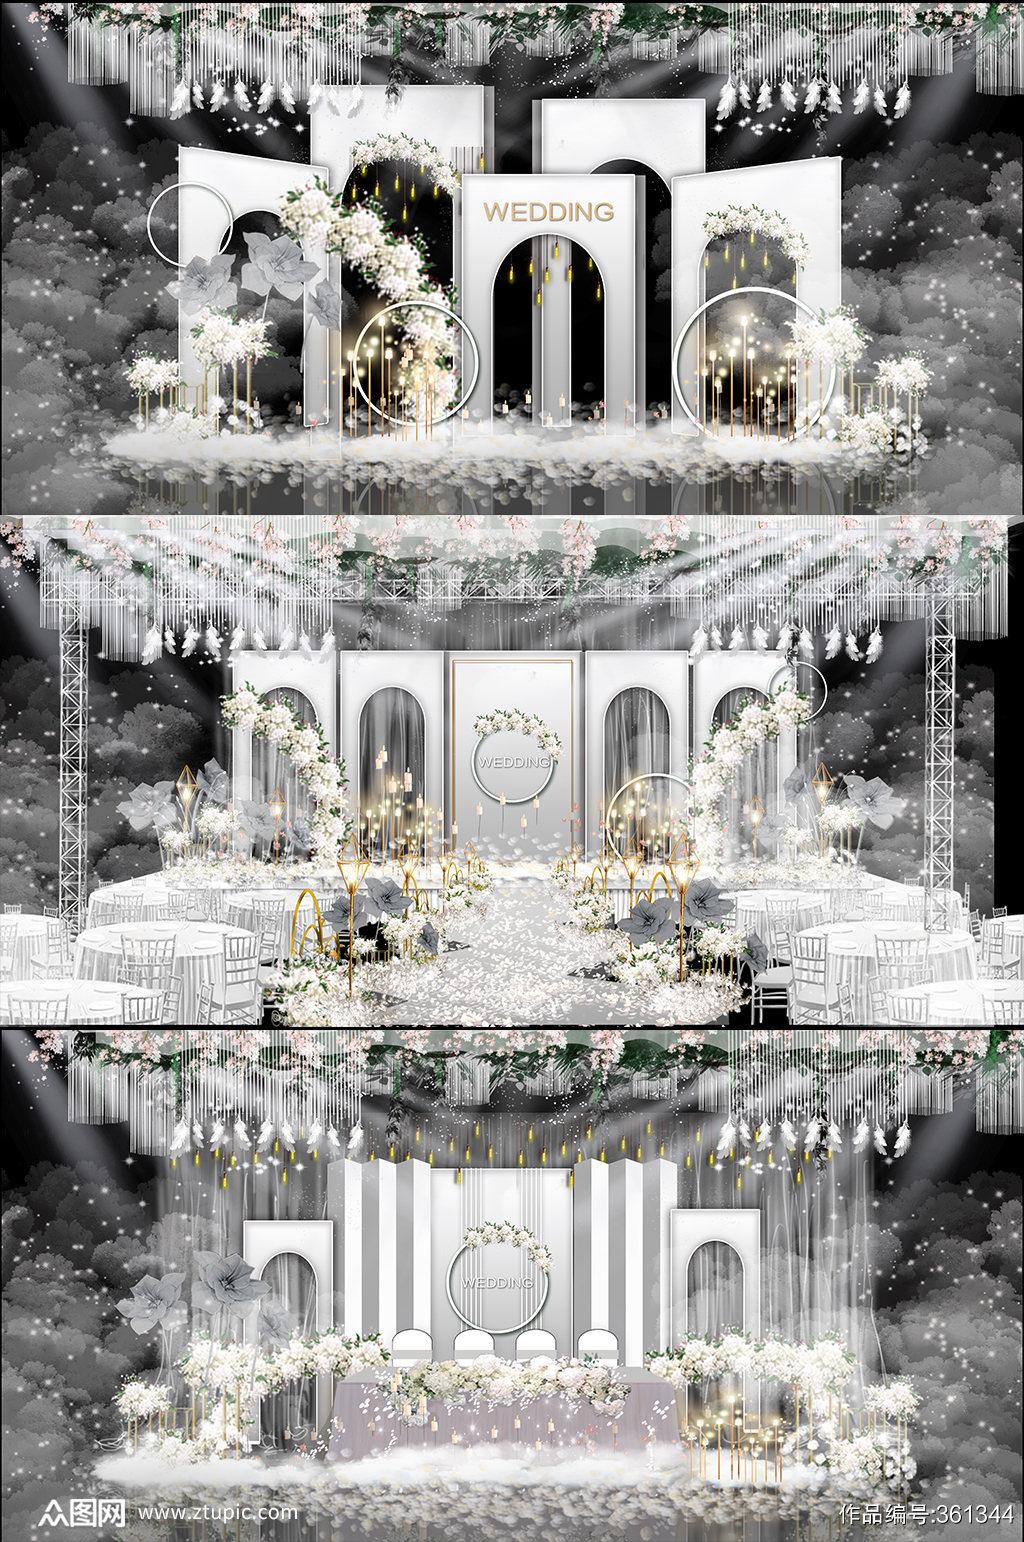 白色现代高级婚庆婚礼布置图素材